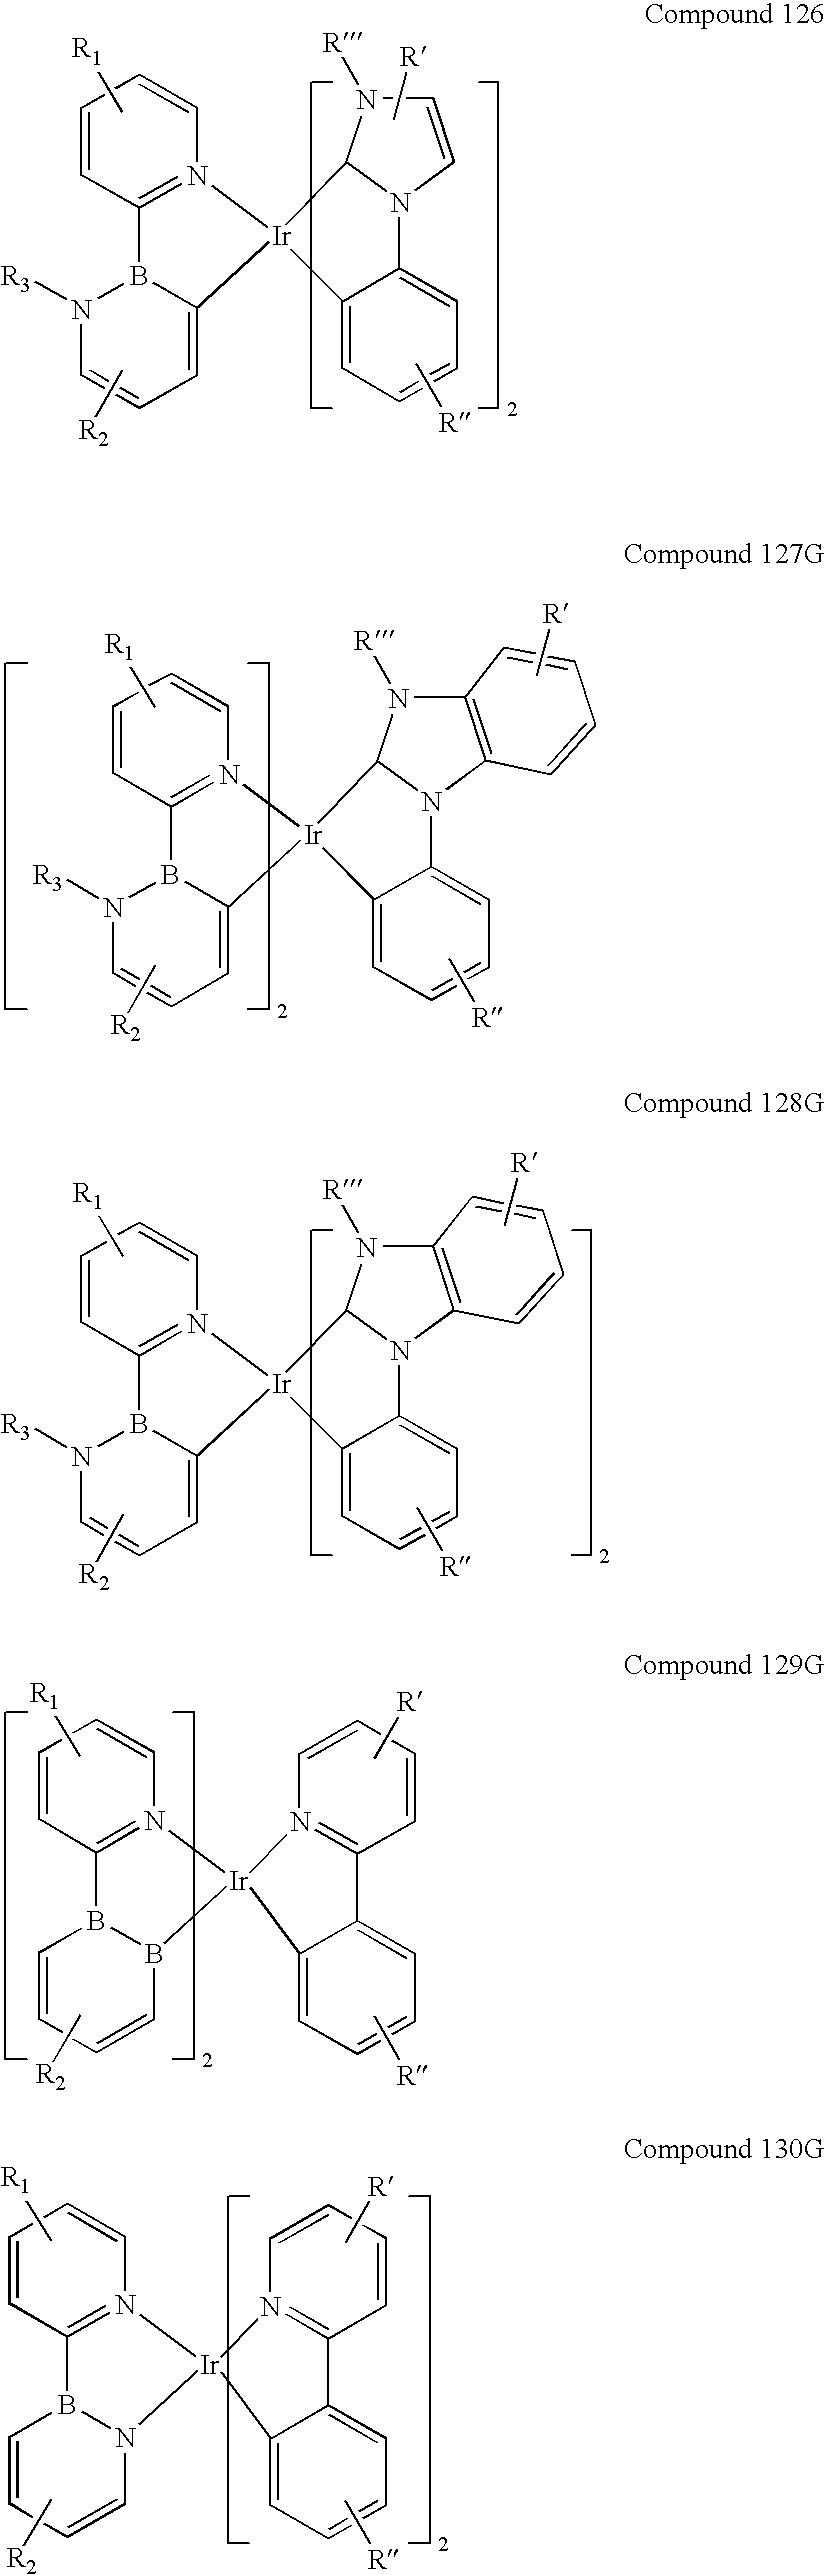 Figure US08586203-20131119-C00059